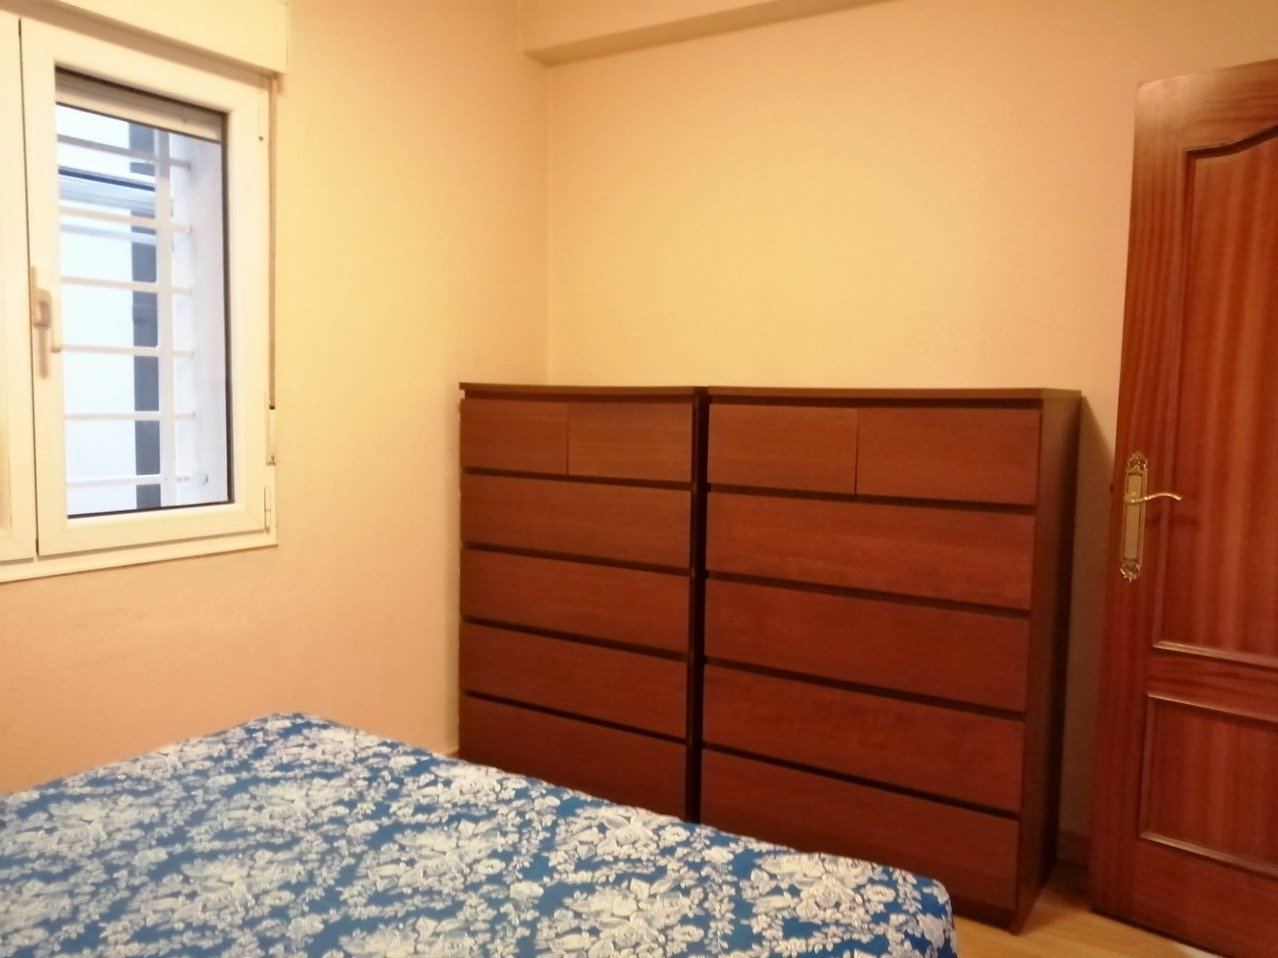 Estupendo piso reformado y amueblado - imagenInmueble32